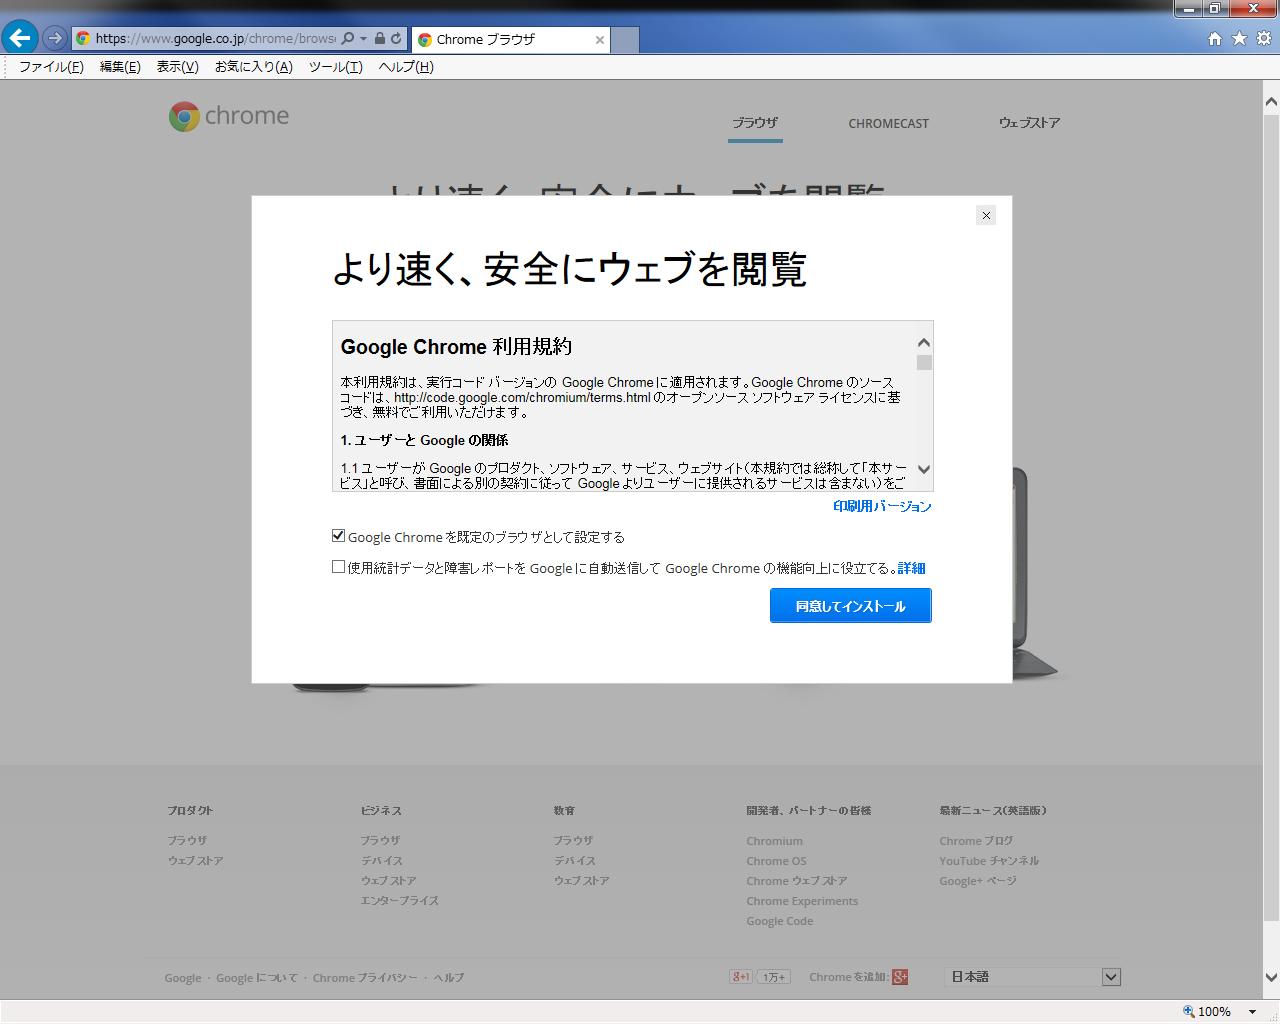 Google Chromeとは何ですか? -Google Chromeと …